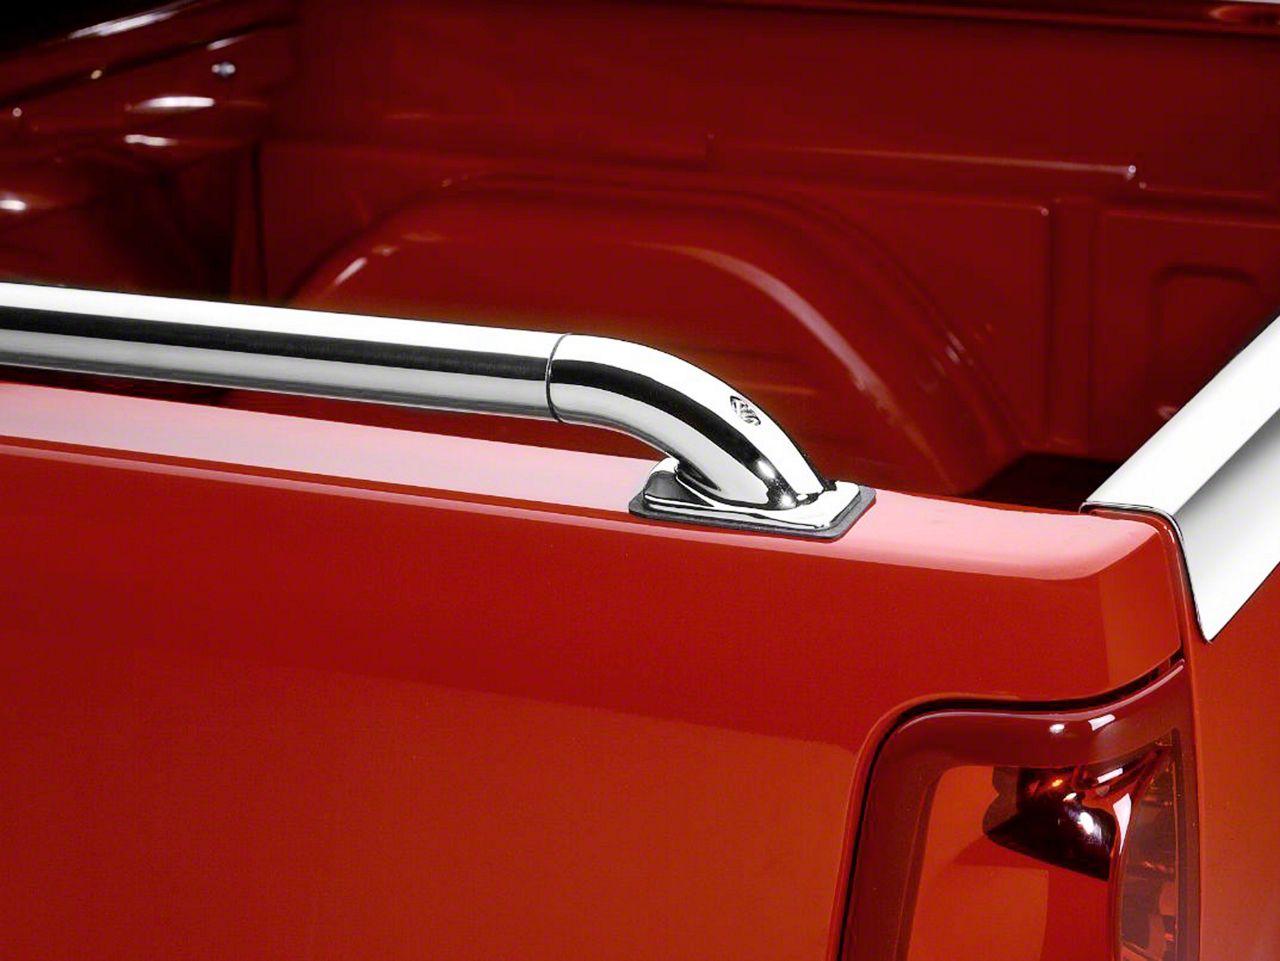 Putco SSR Locker Side Bed Rails (14-18 Sierra 1500)